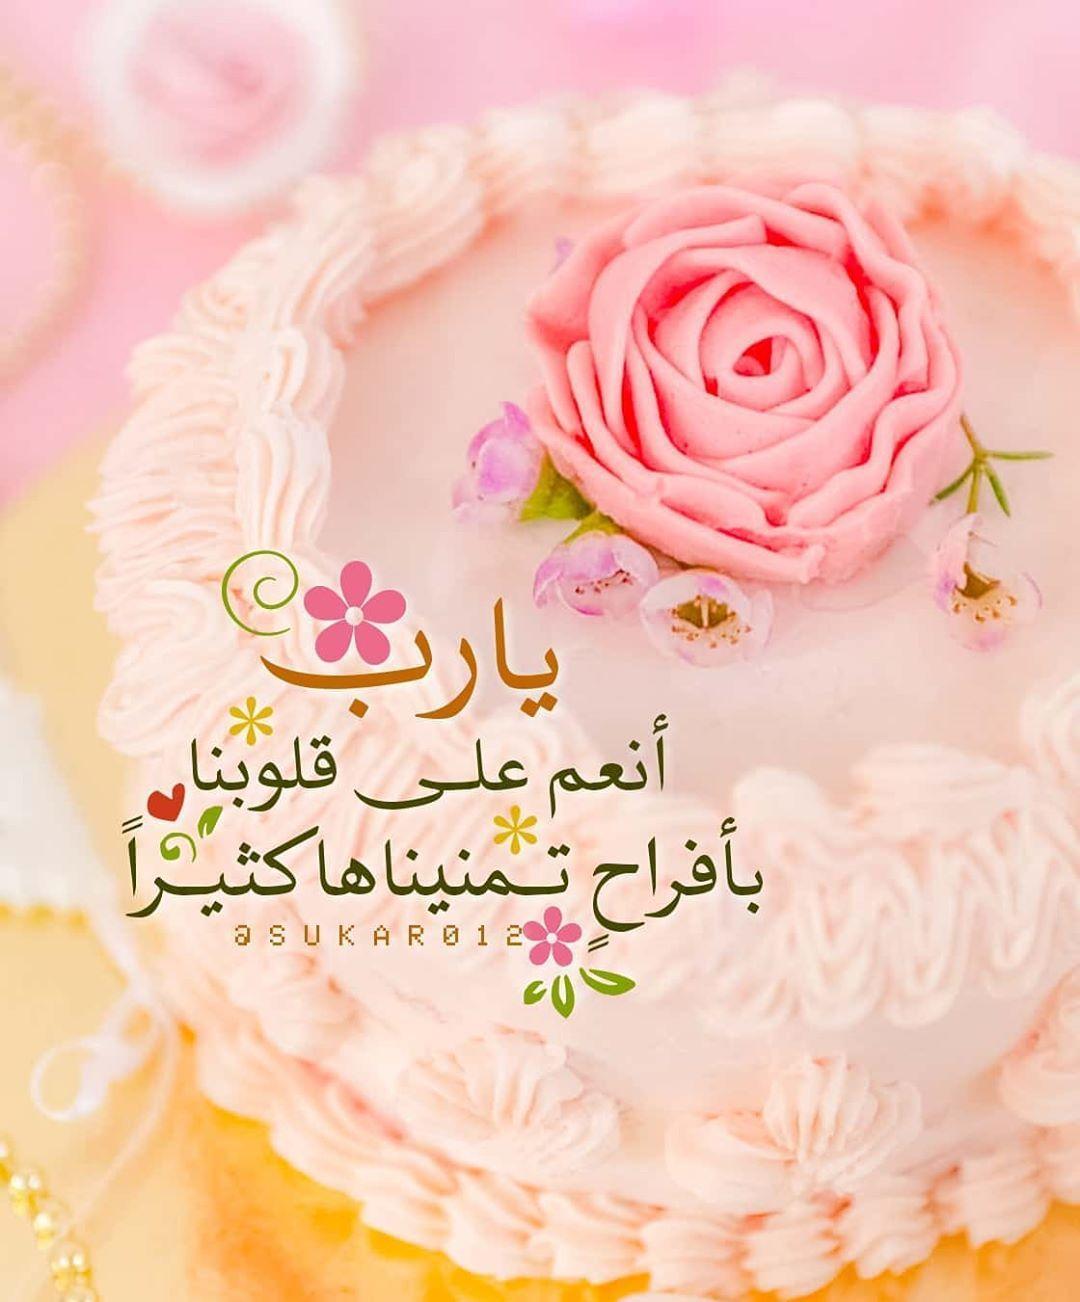 س ــكر المبــارك On Instagram اللهم أنعم على قلوبنا بأفراح تمنيناها كثيرا مساء الخير عمان صحار مسقط Birthday Cake Cake Desserts